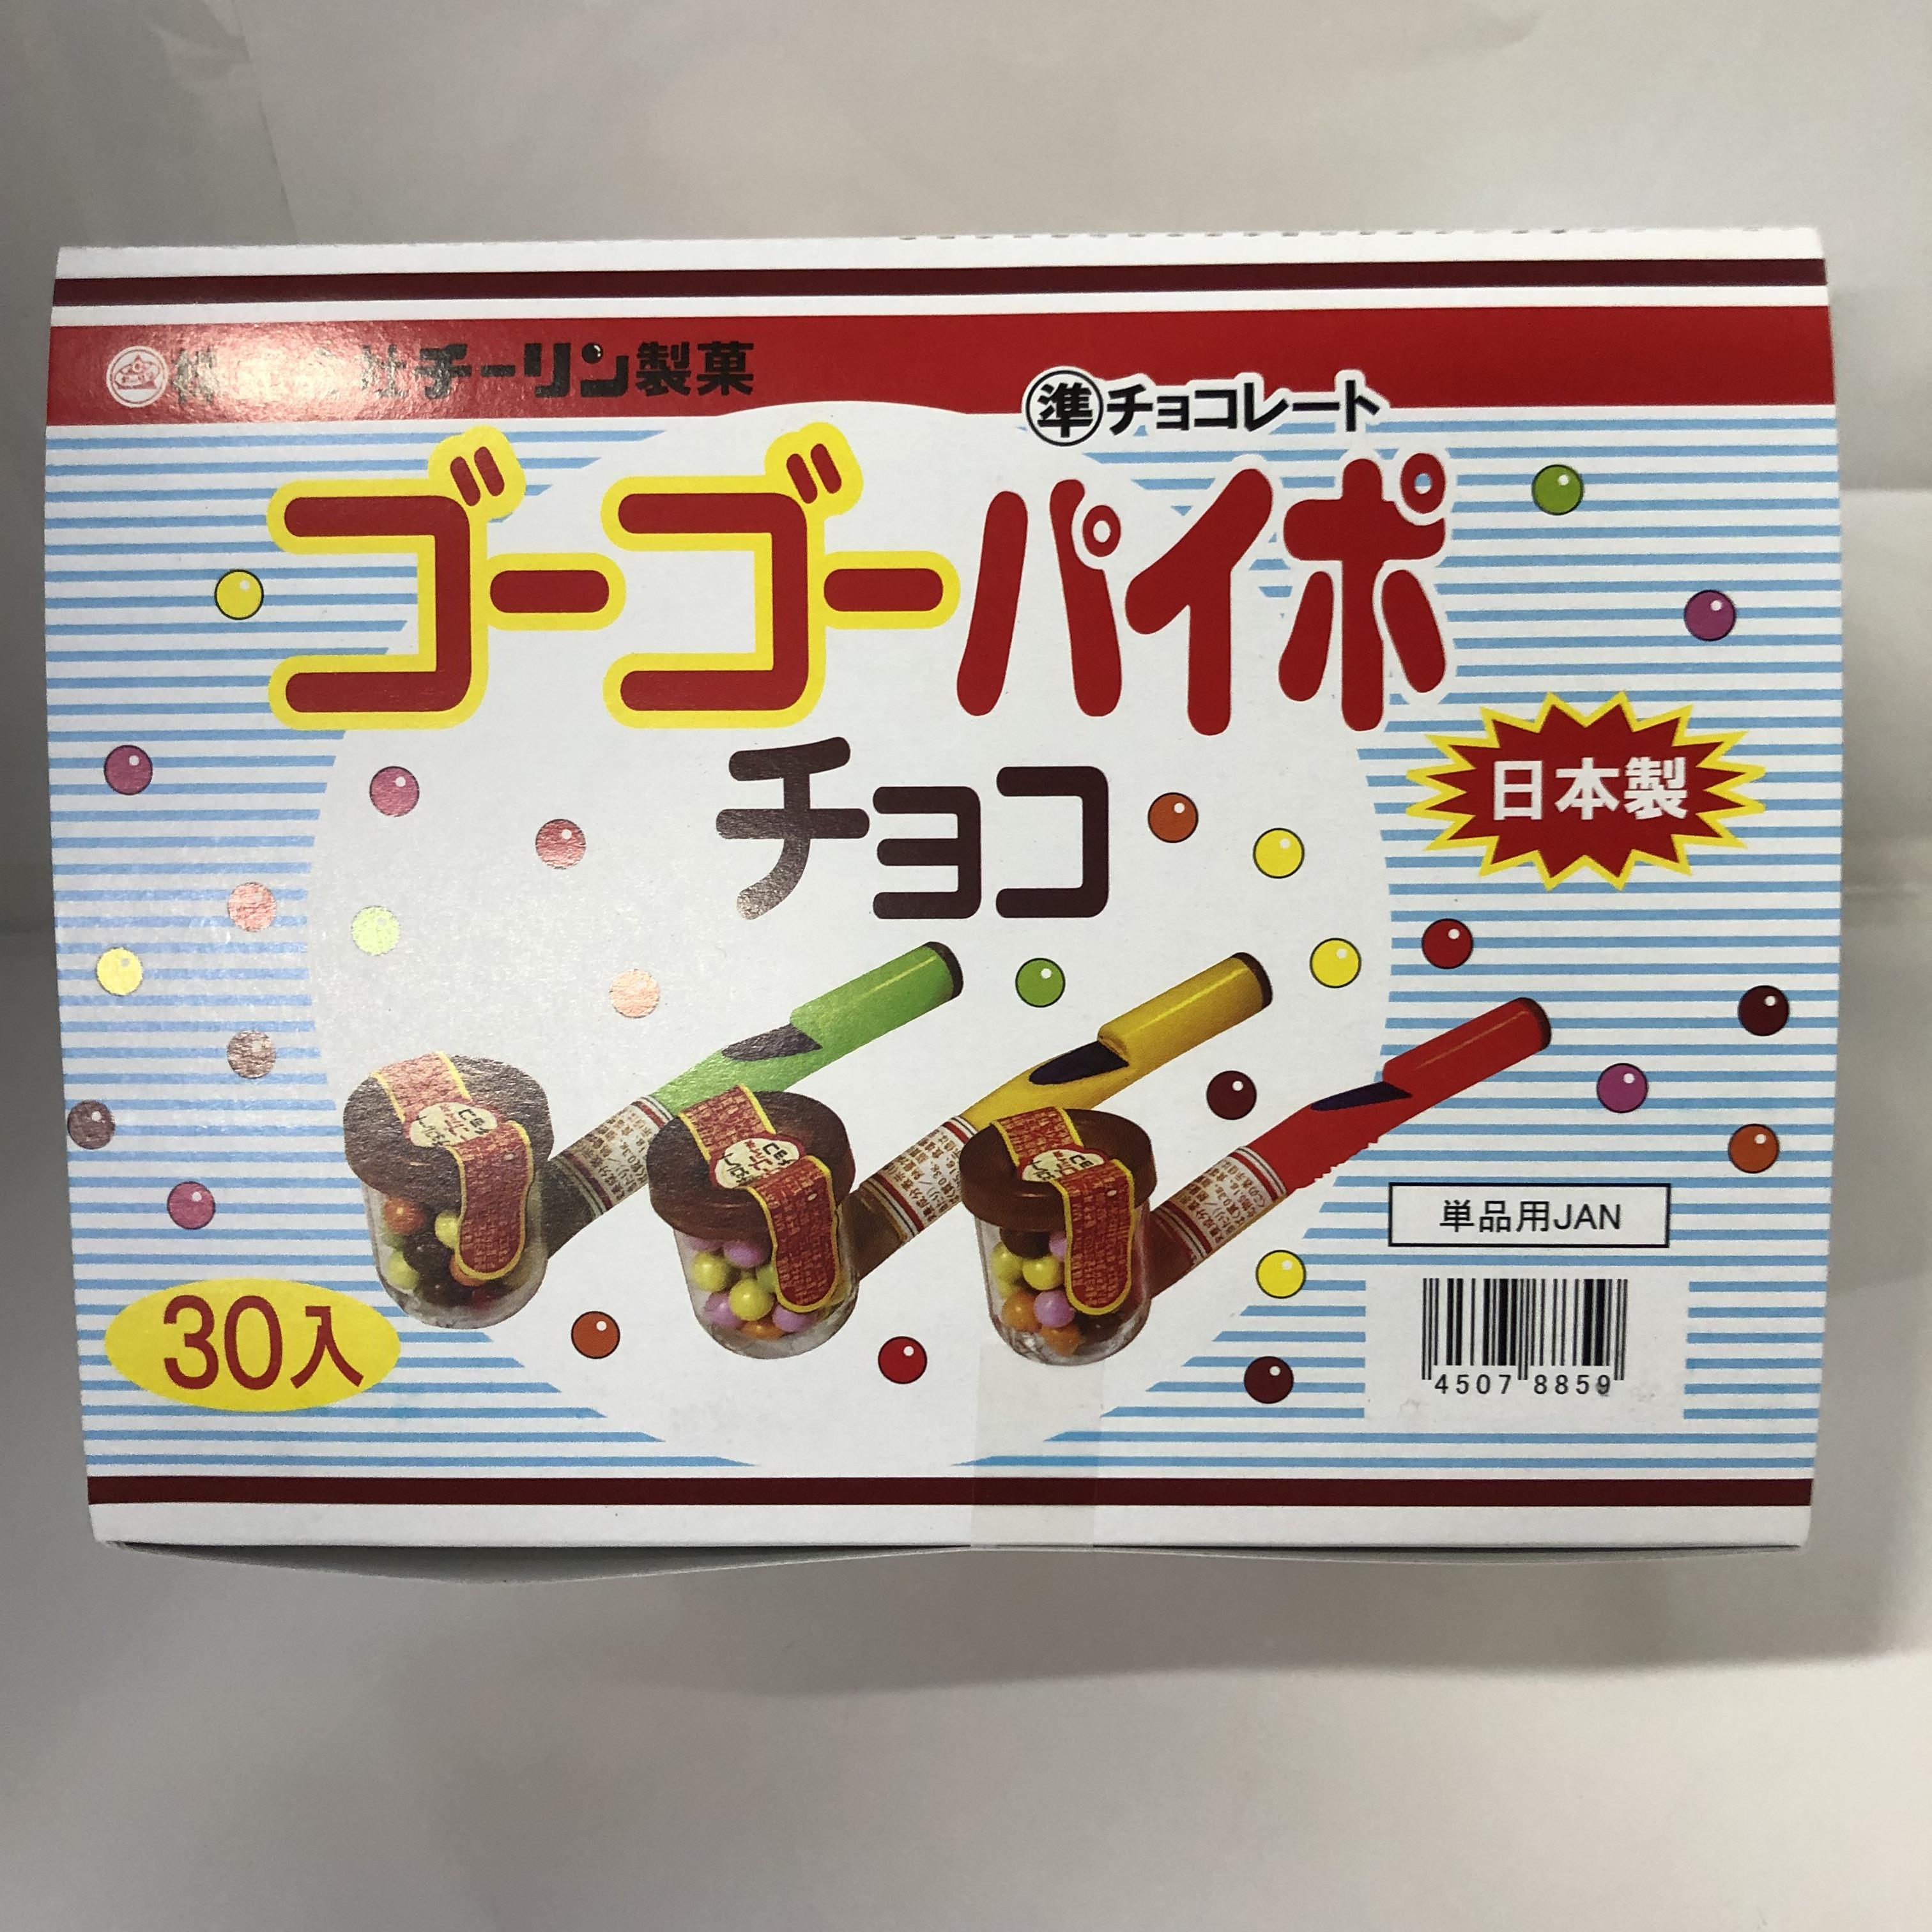 チーリン パイポチョコ(30入り)